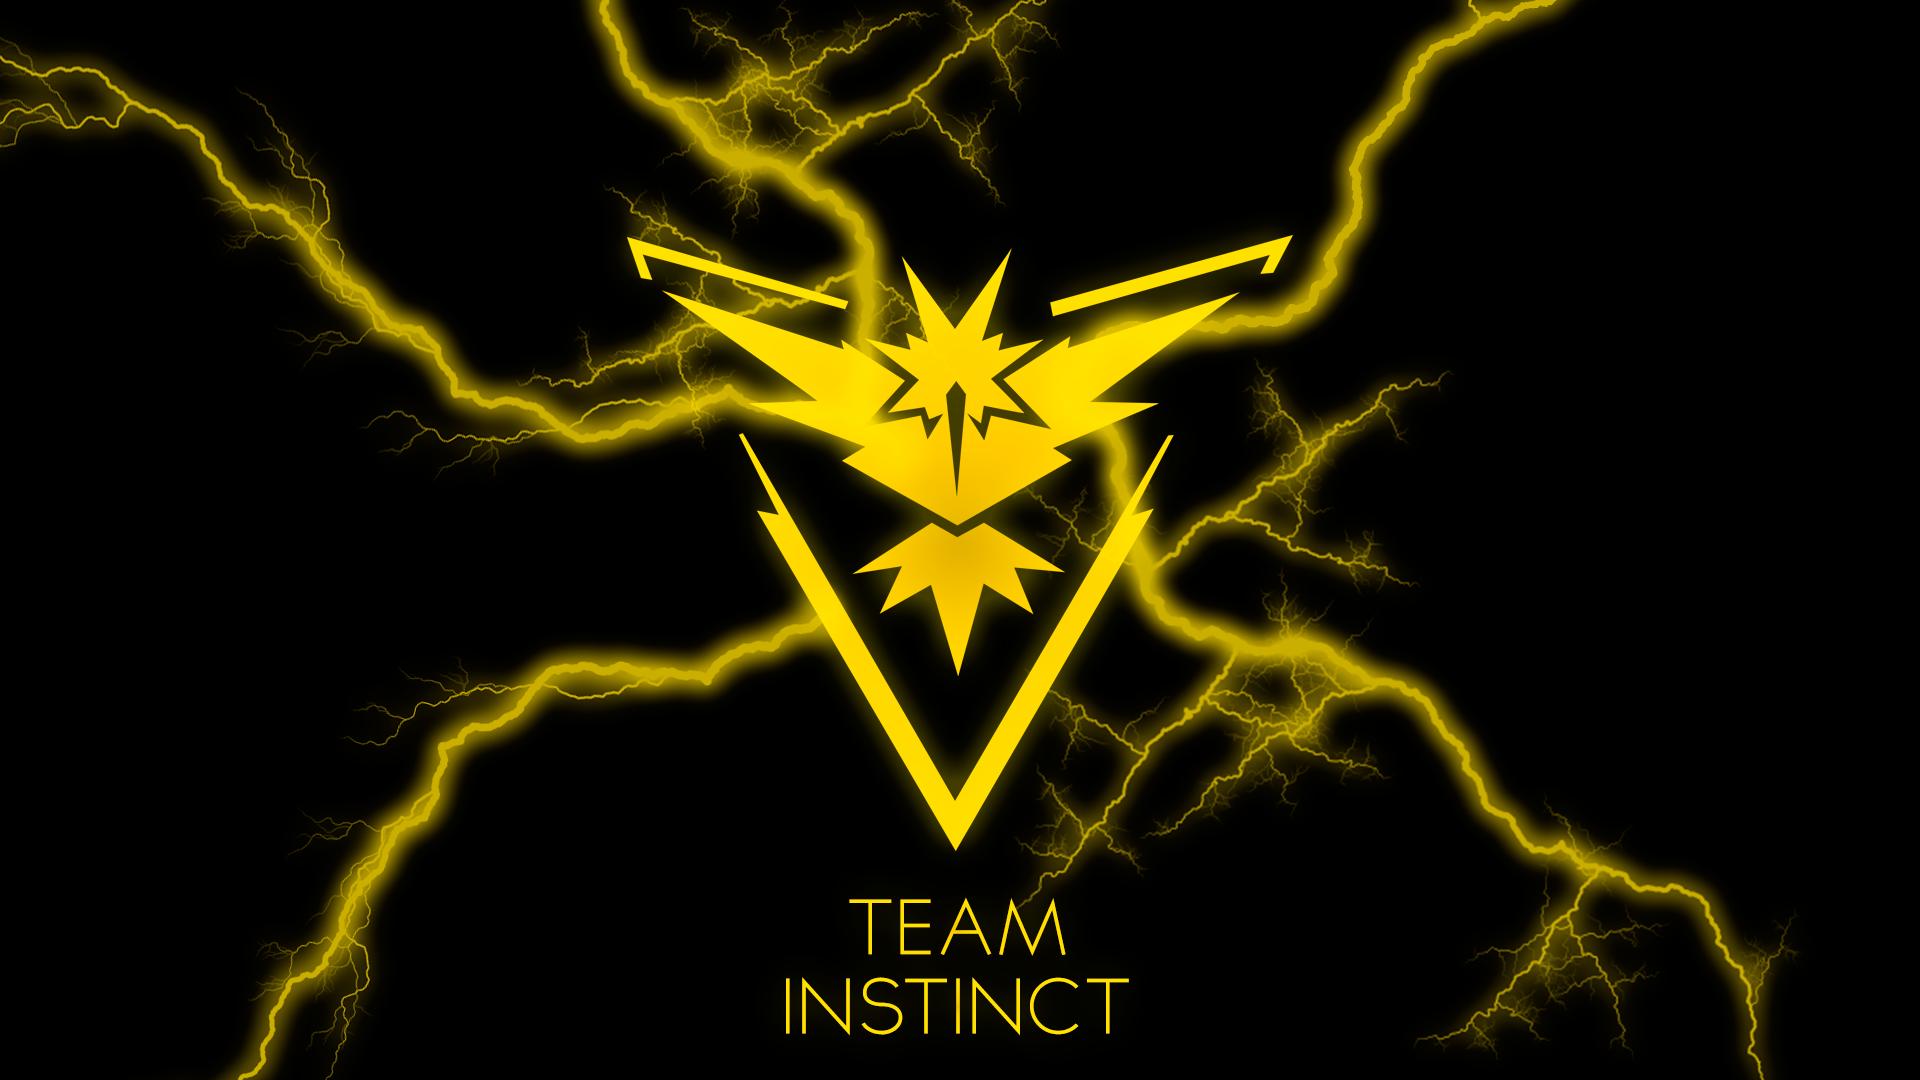 Team Instinct Wallpaper Pokemon Go: Wallpaper Full HD PokemonGO #TeamInstinct By Infzz On